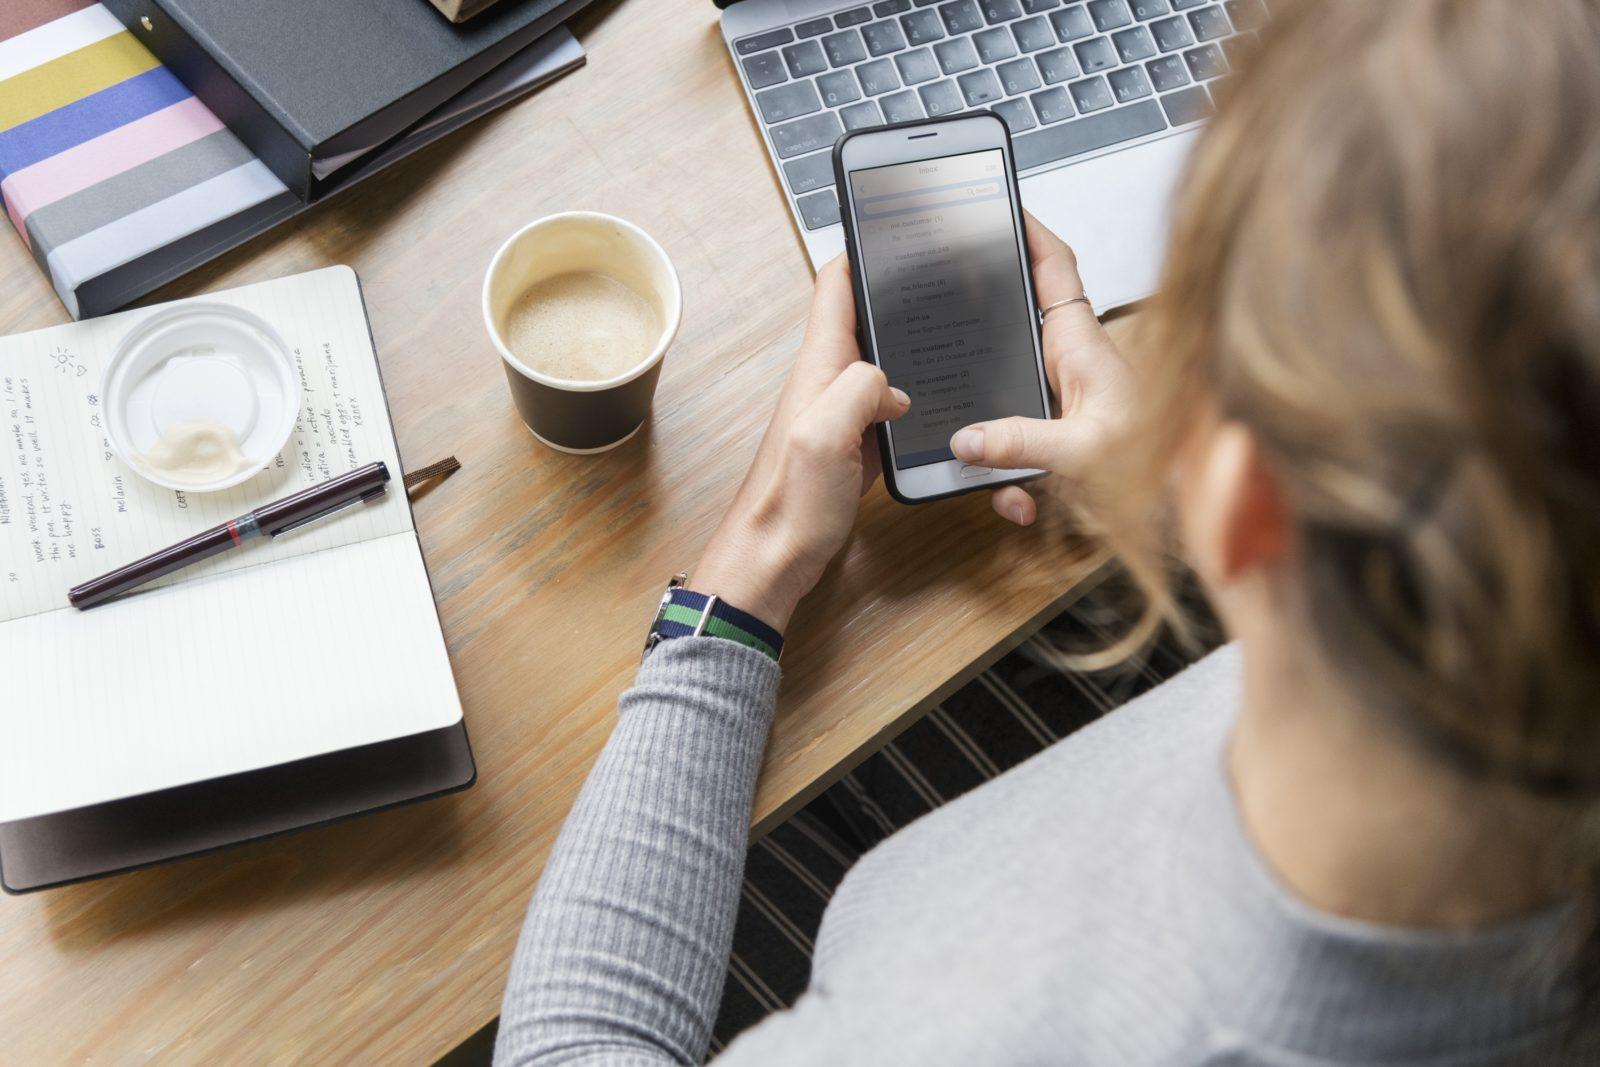 Mobil Web Sitenizi Kullanıcı Dostu Yapmak İçin 5 İpucu